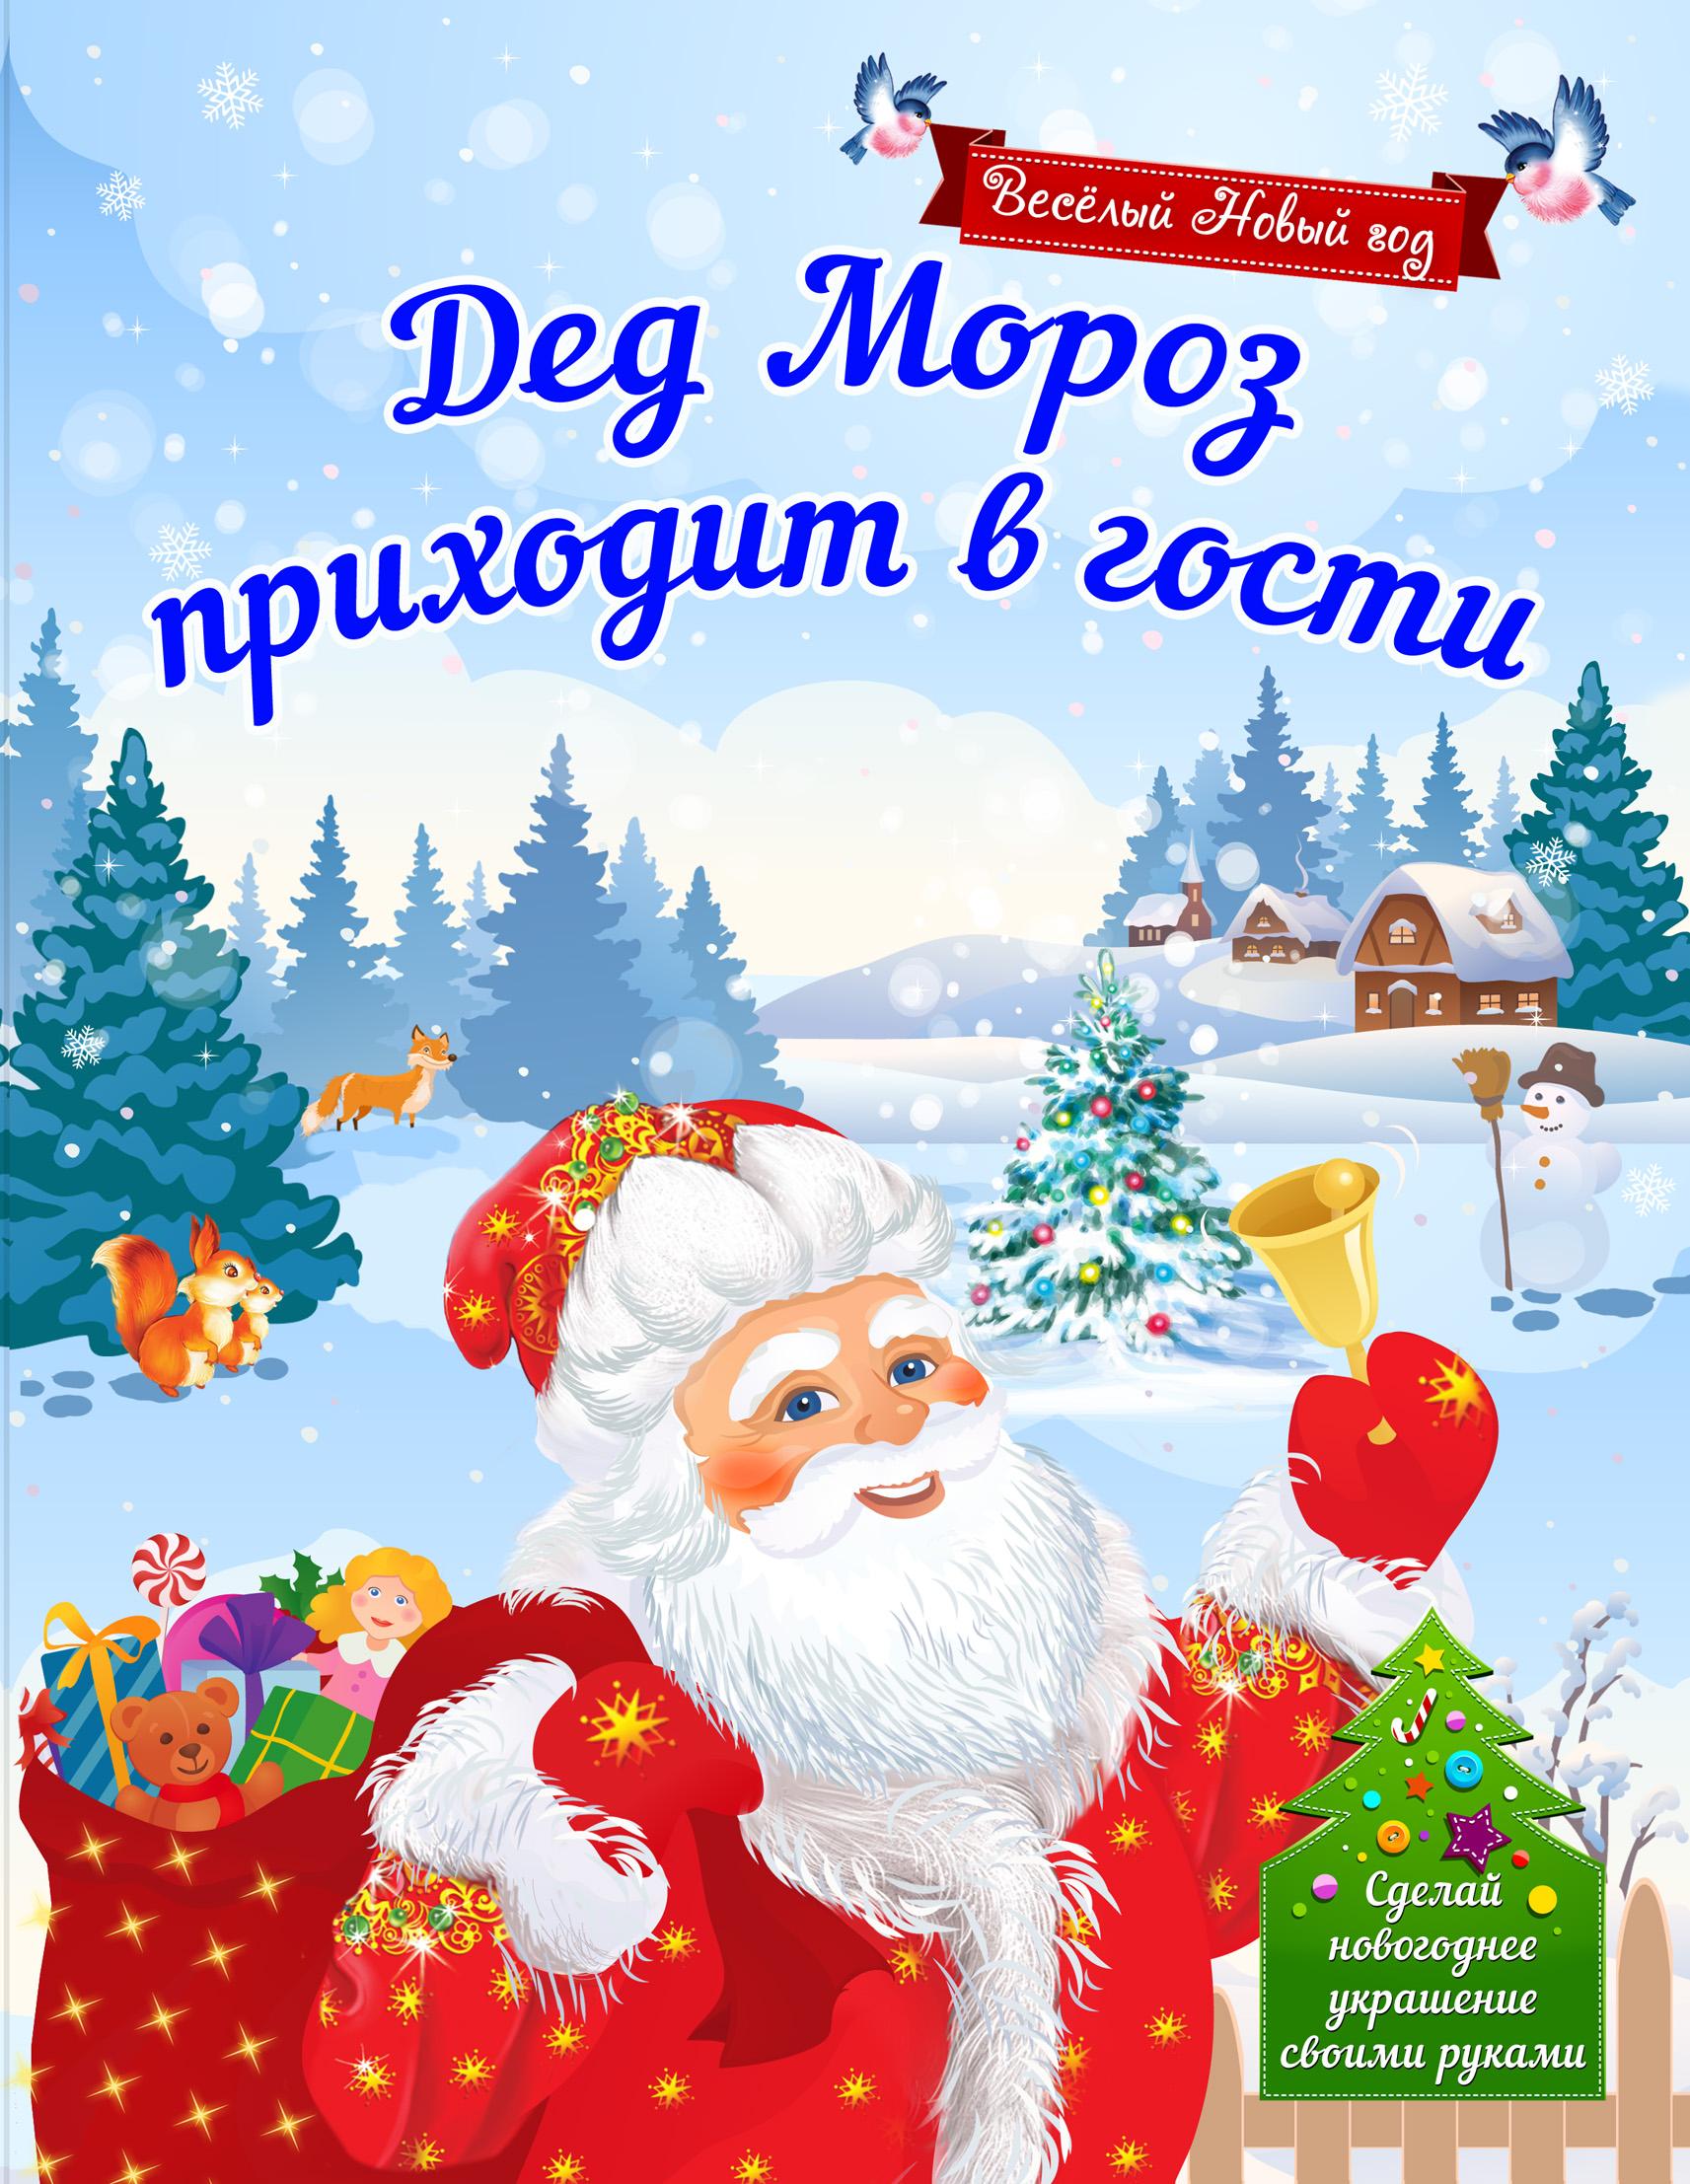 Воробьева Н.М. Дед Мороз приходит в гости винклер ю авт сост дед мороз приходит в гости игры подарки загадки стихи с наклейками 3